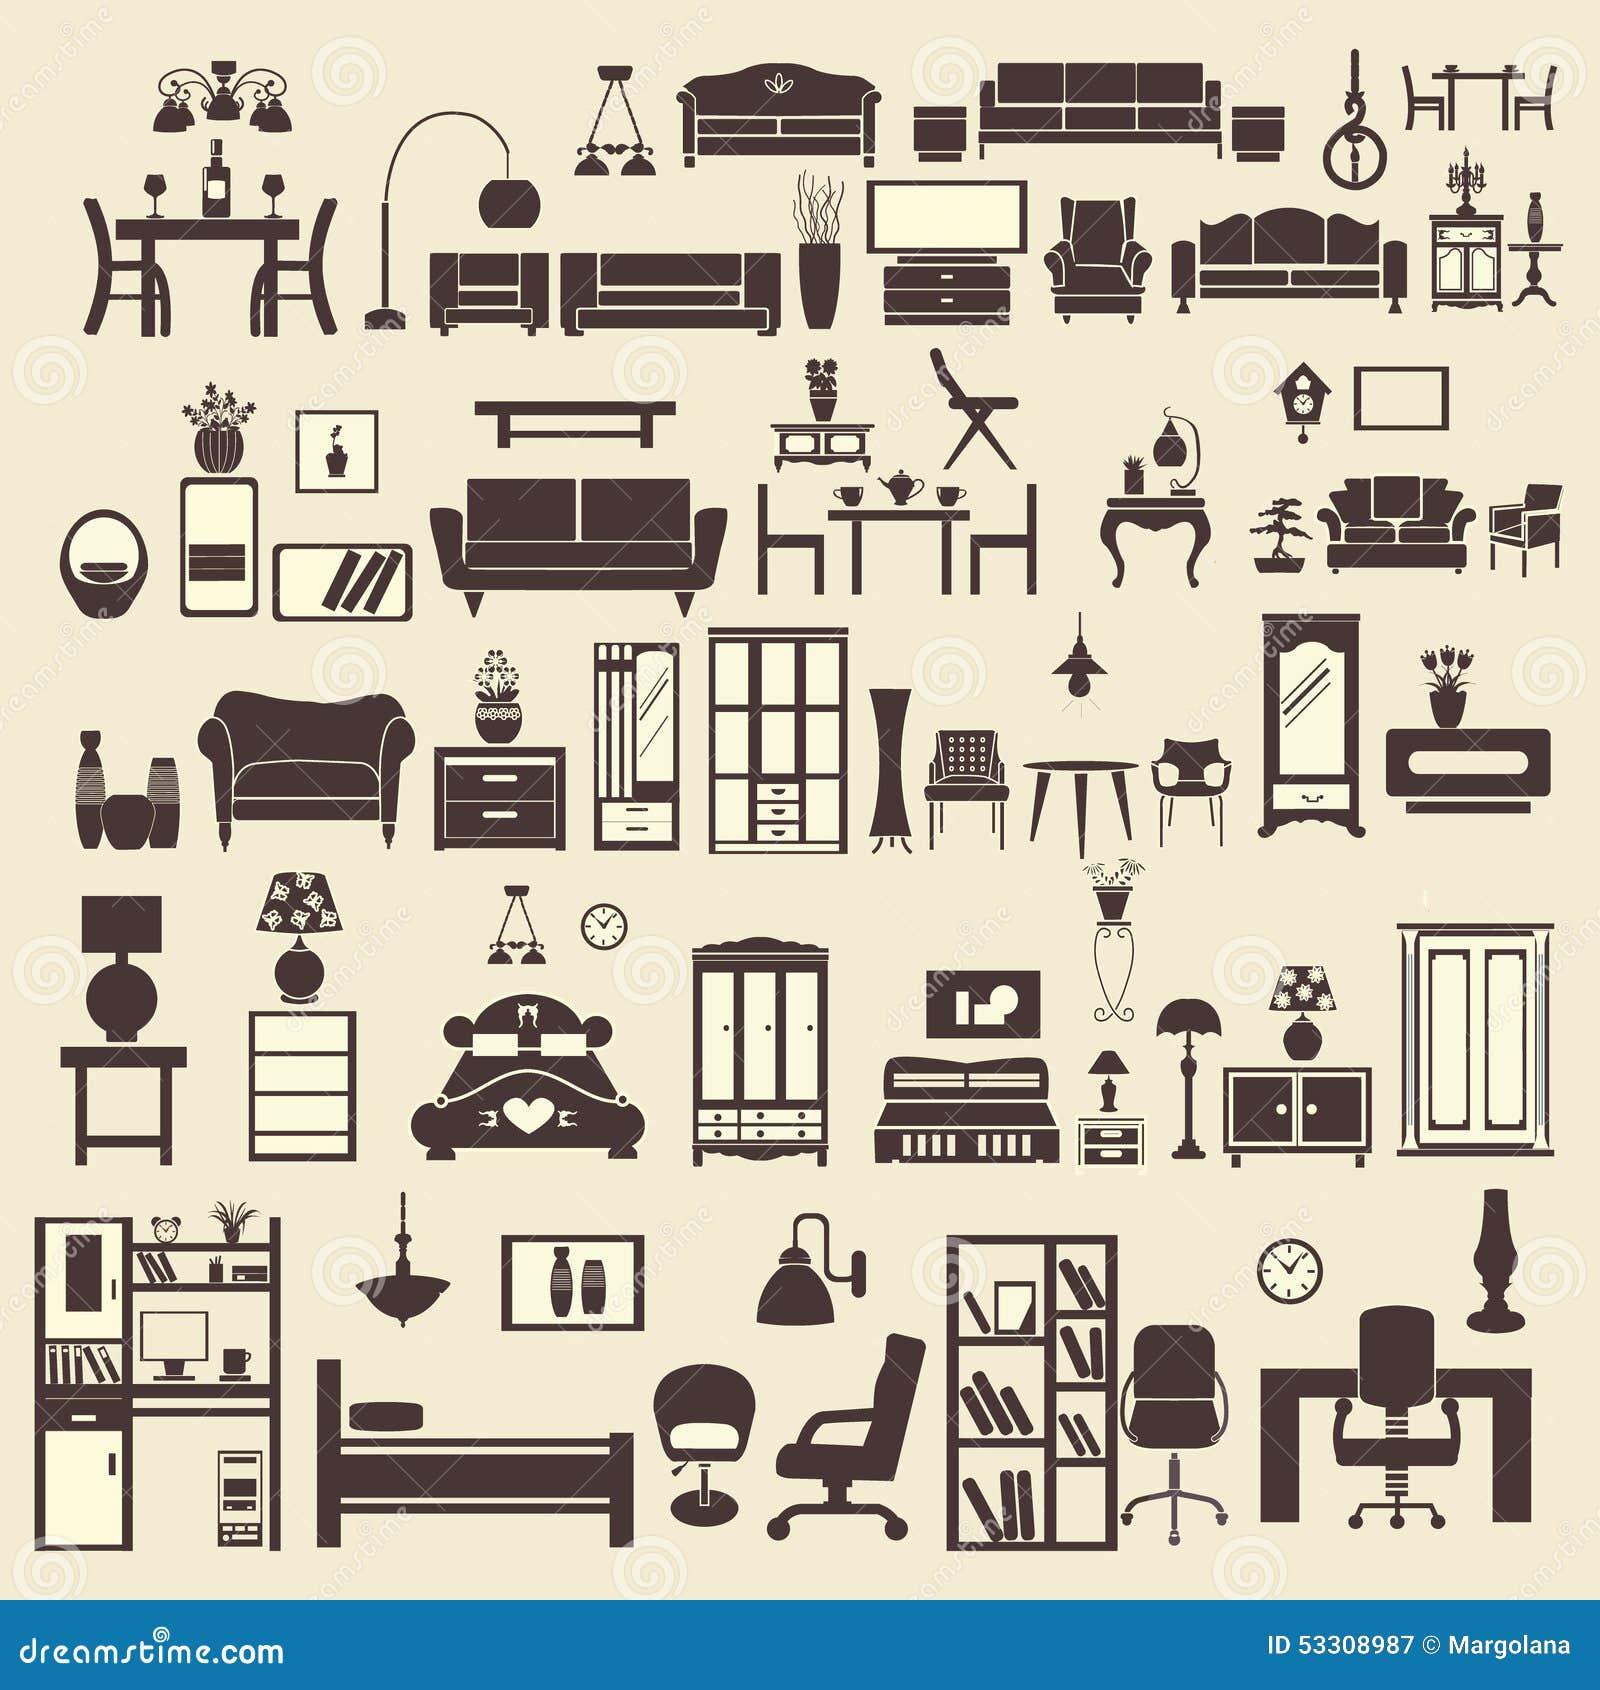 Flat Furniture Icons Interior